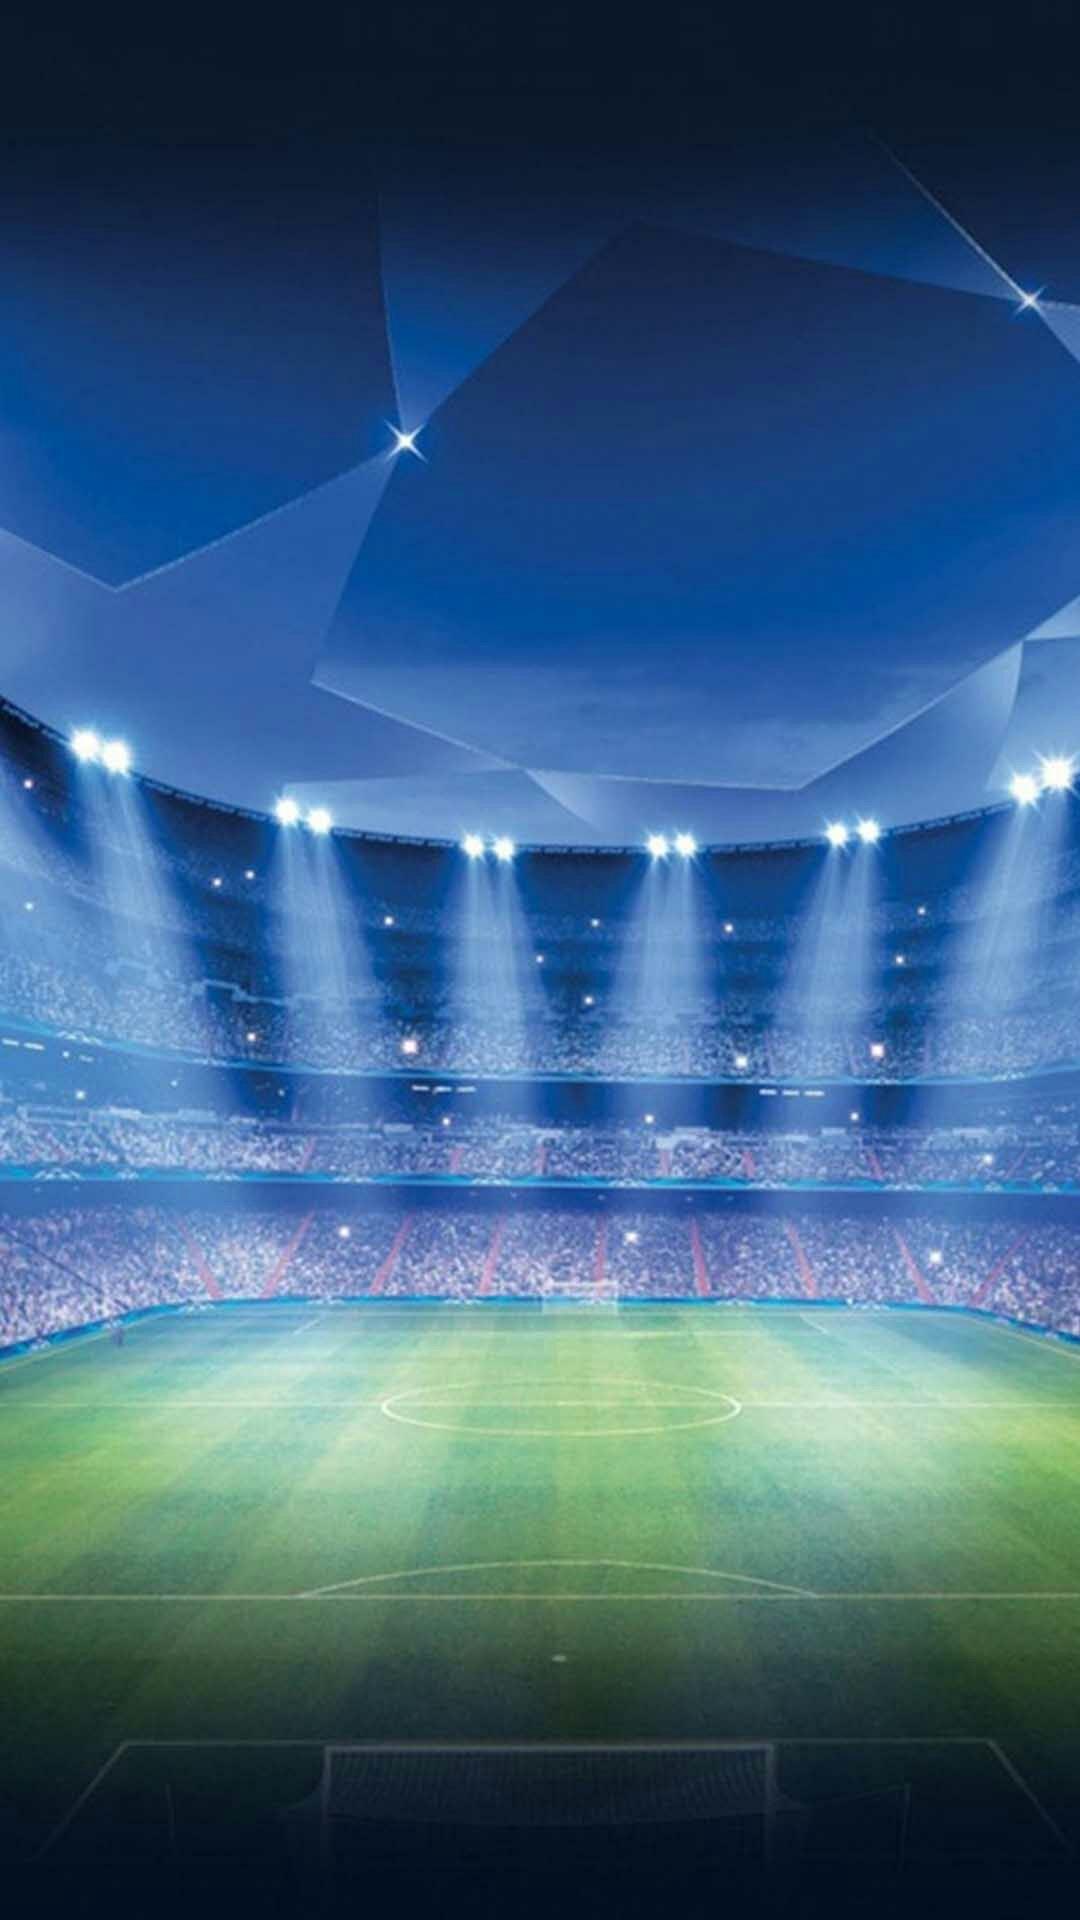 Soccer Stadium Wallpaper